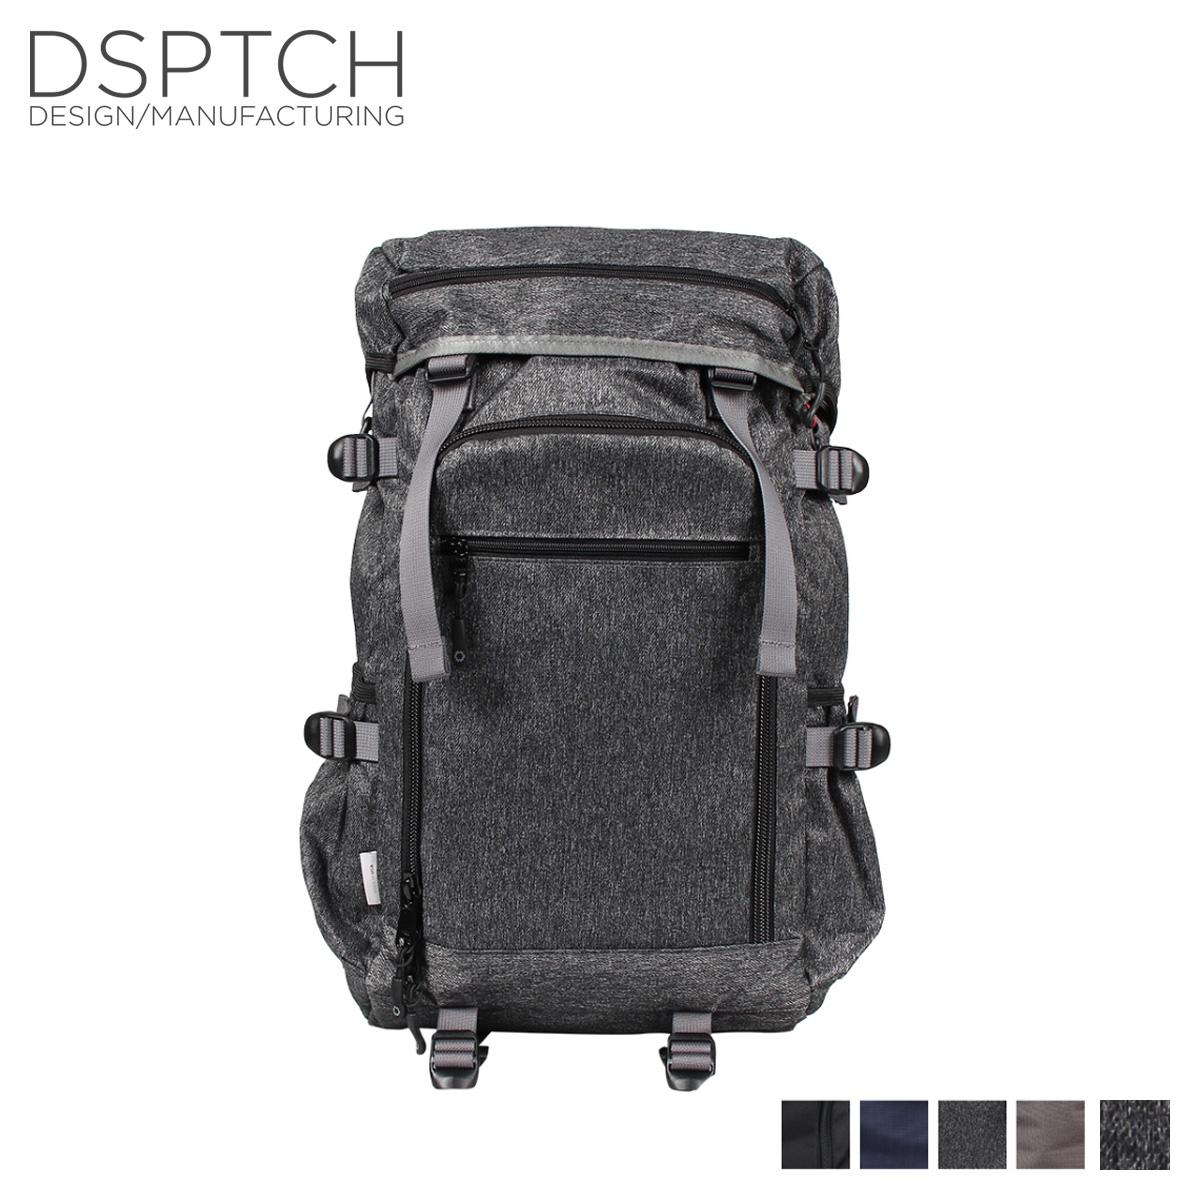 【送料無料】 【あす楽対応】 ディスパッチ DSPTCH バックパック ディスパッチ DSPTCH バッグ リュック バックパック メンズ レディース RUCKPACK 25L PCK-RP